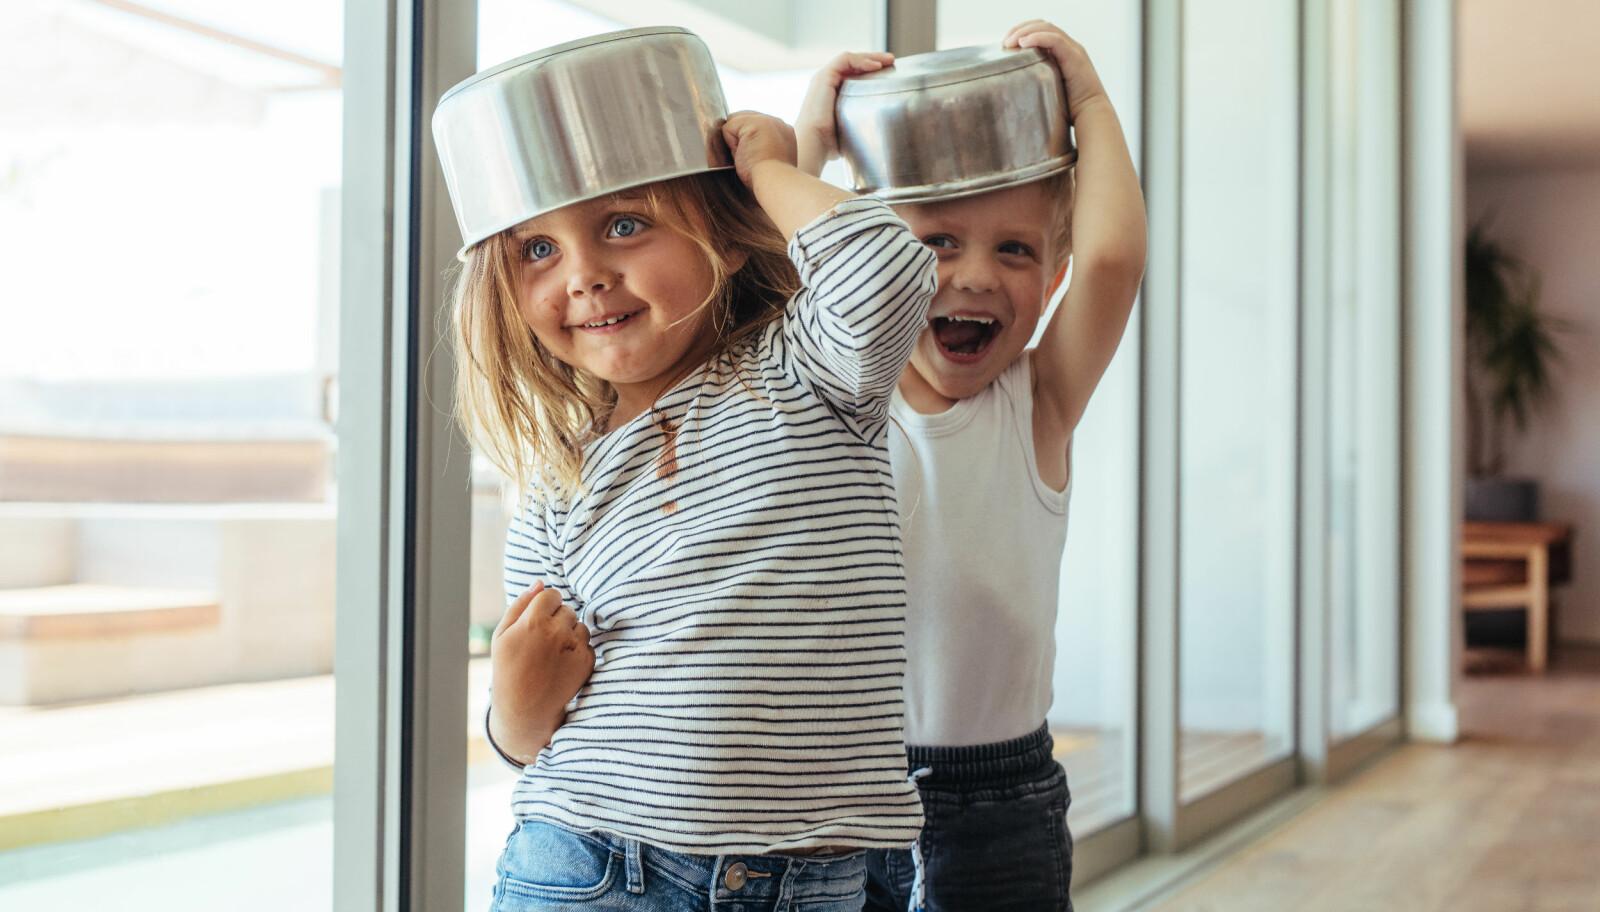 I lekegode barnehager møter barna en verden av magi, fantasi, kreativitet, spenning og overraskelser, sier universitetslektor Terje Melaas ved Universitetet i Sørøst-Norge.